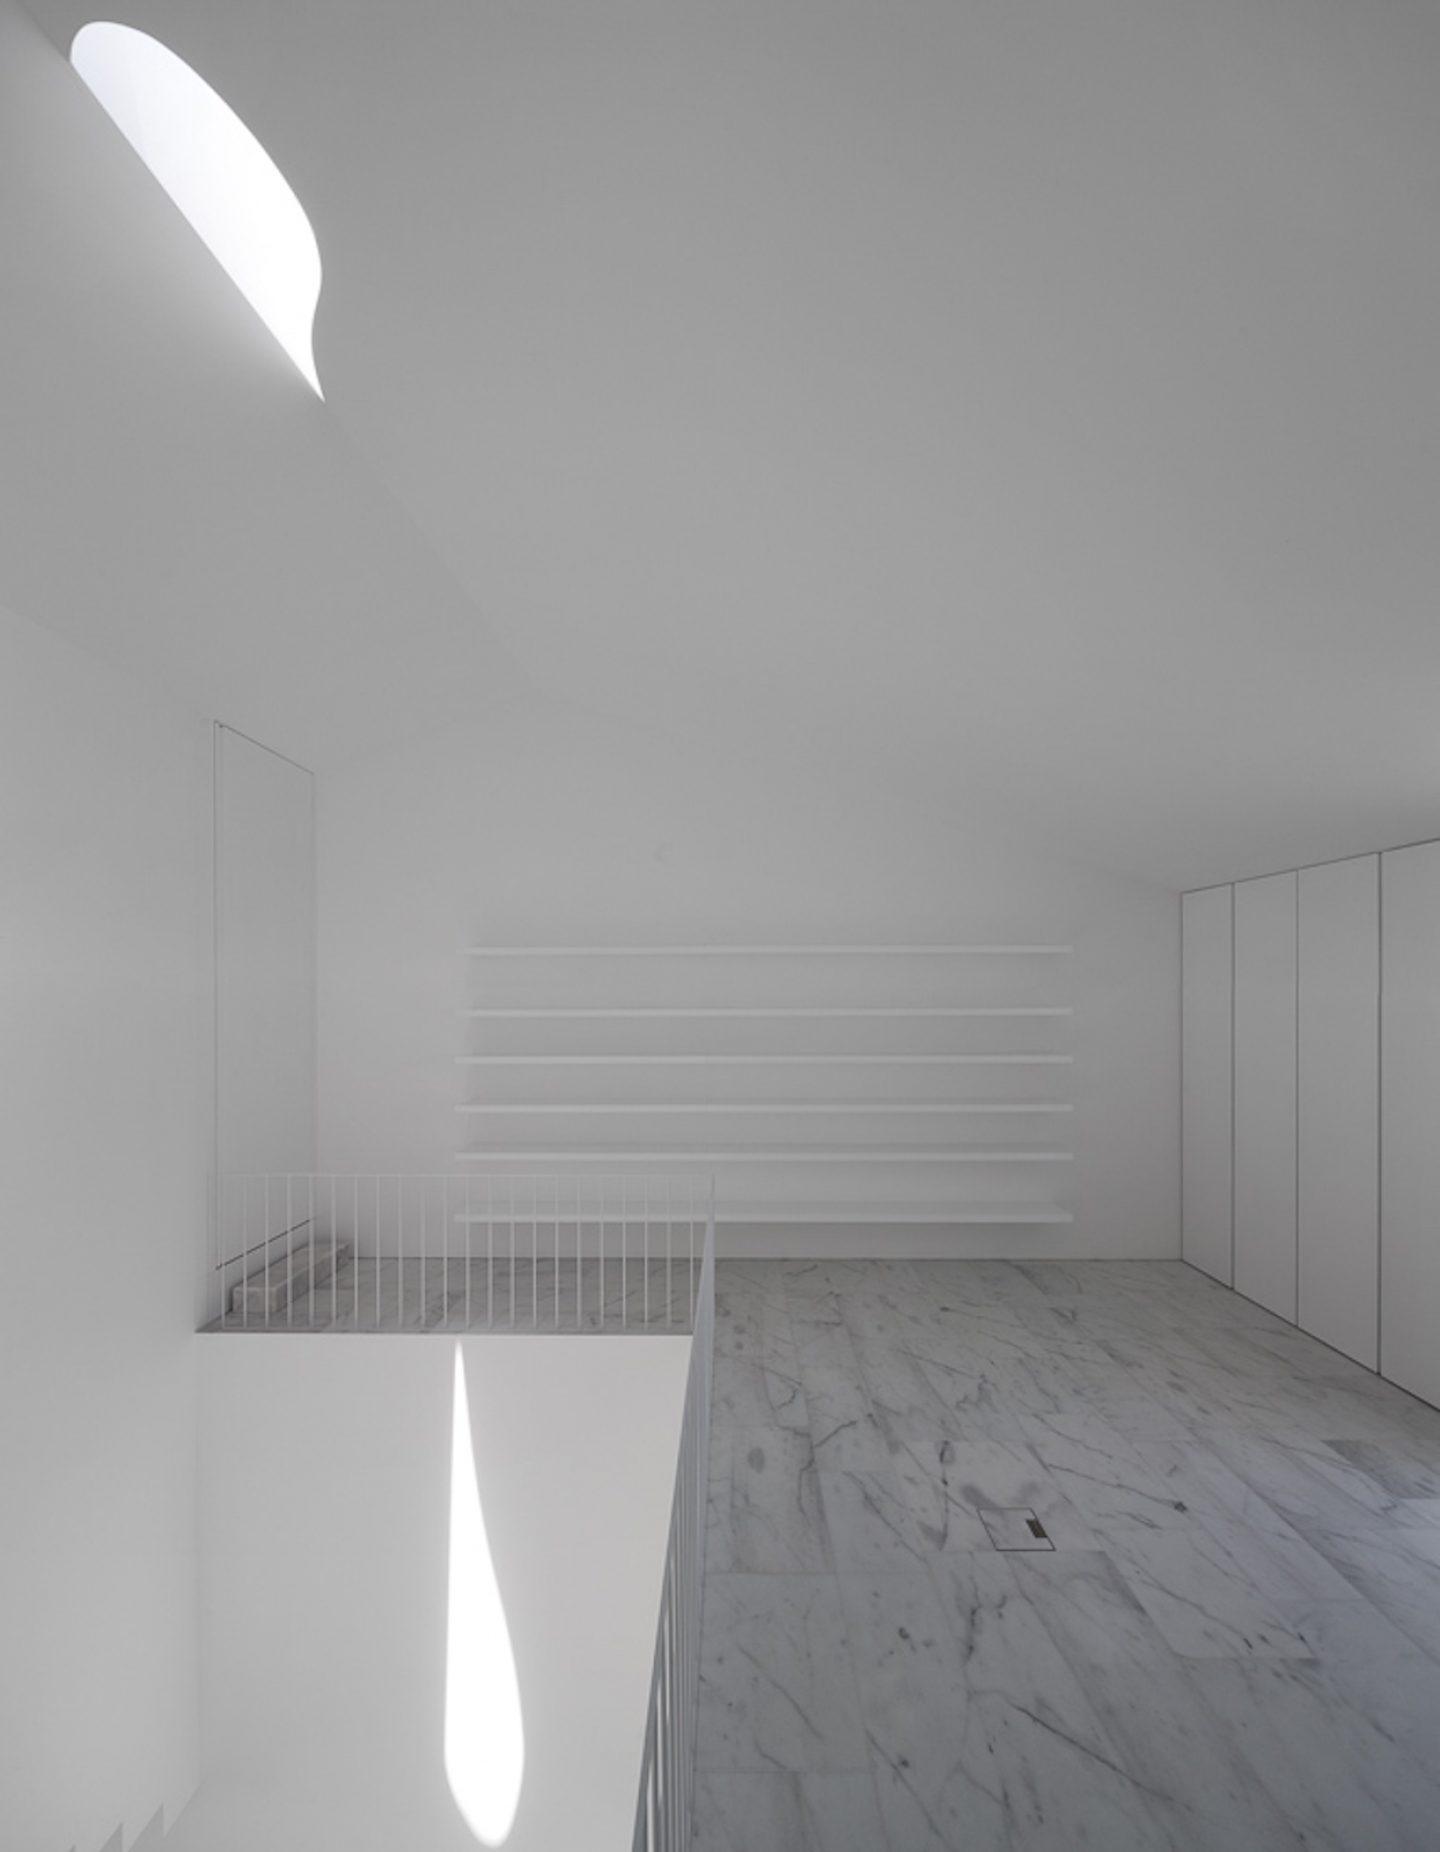 architecture_airesmateus_alcobaca_13